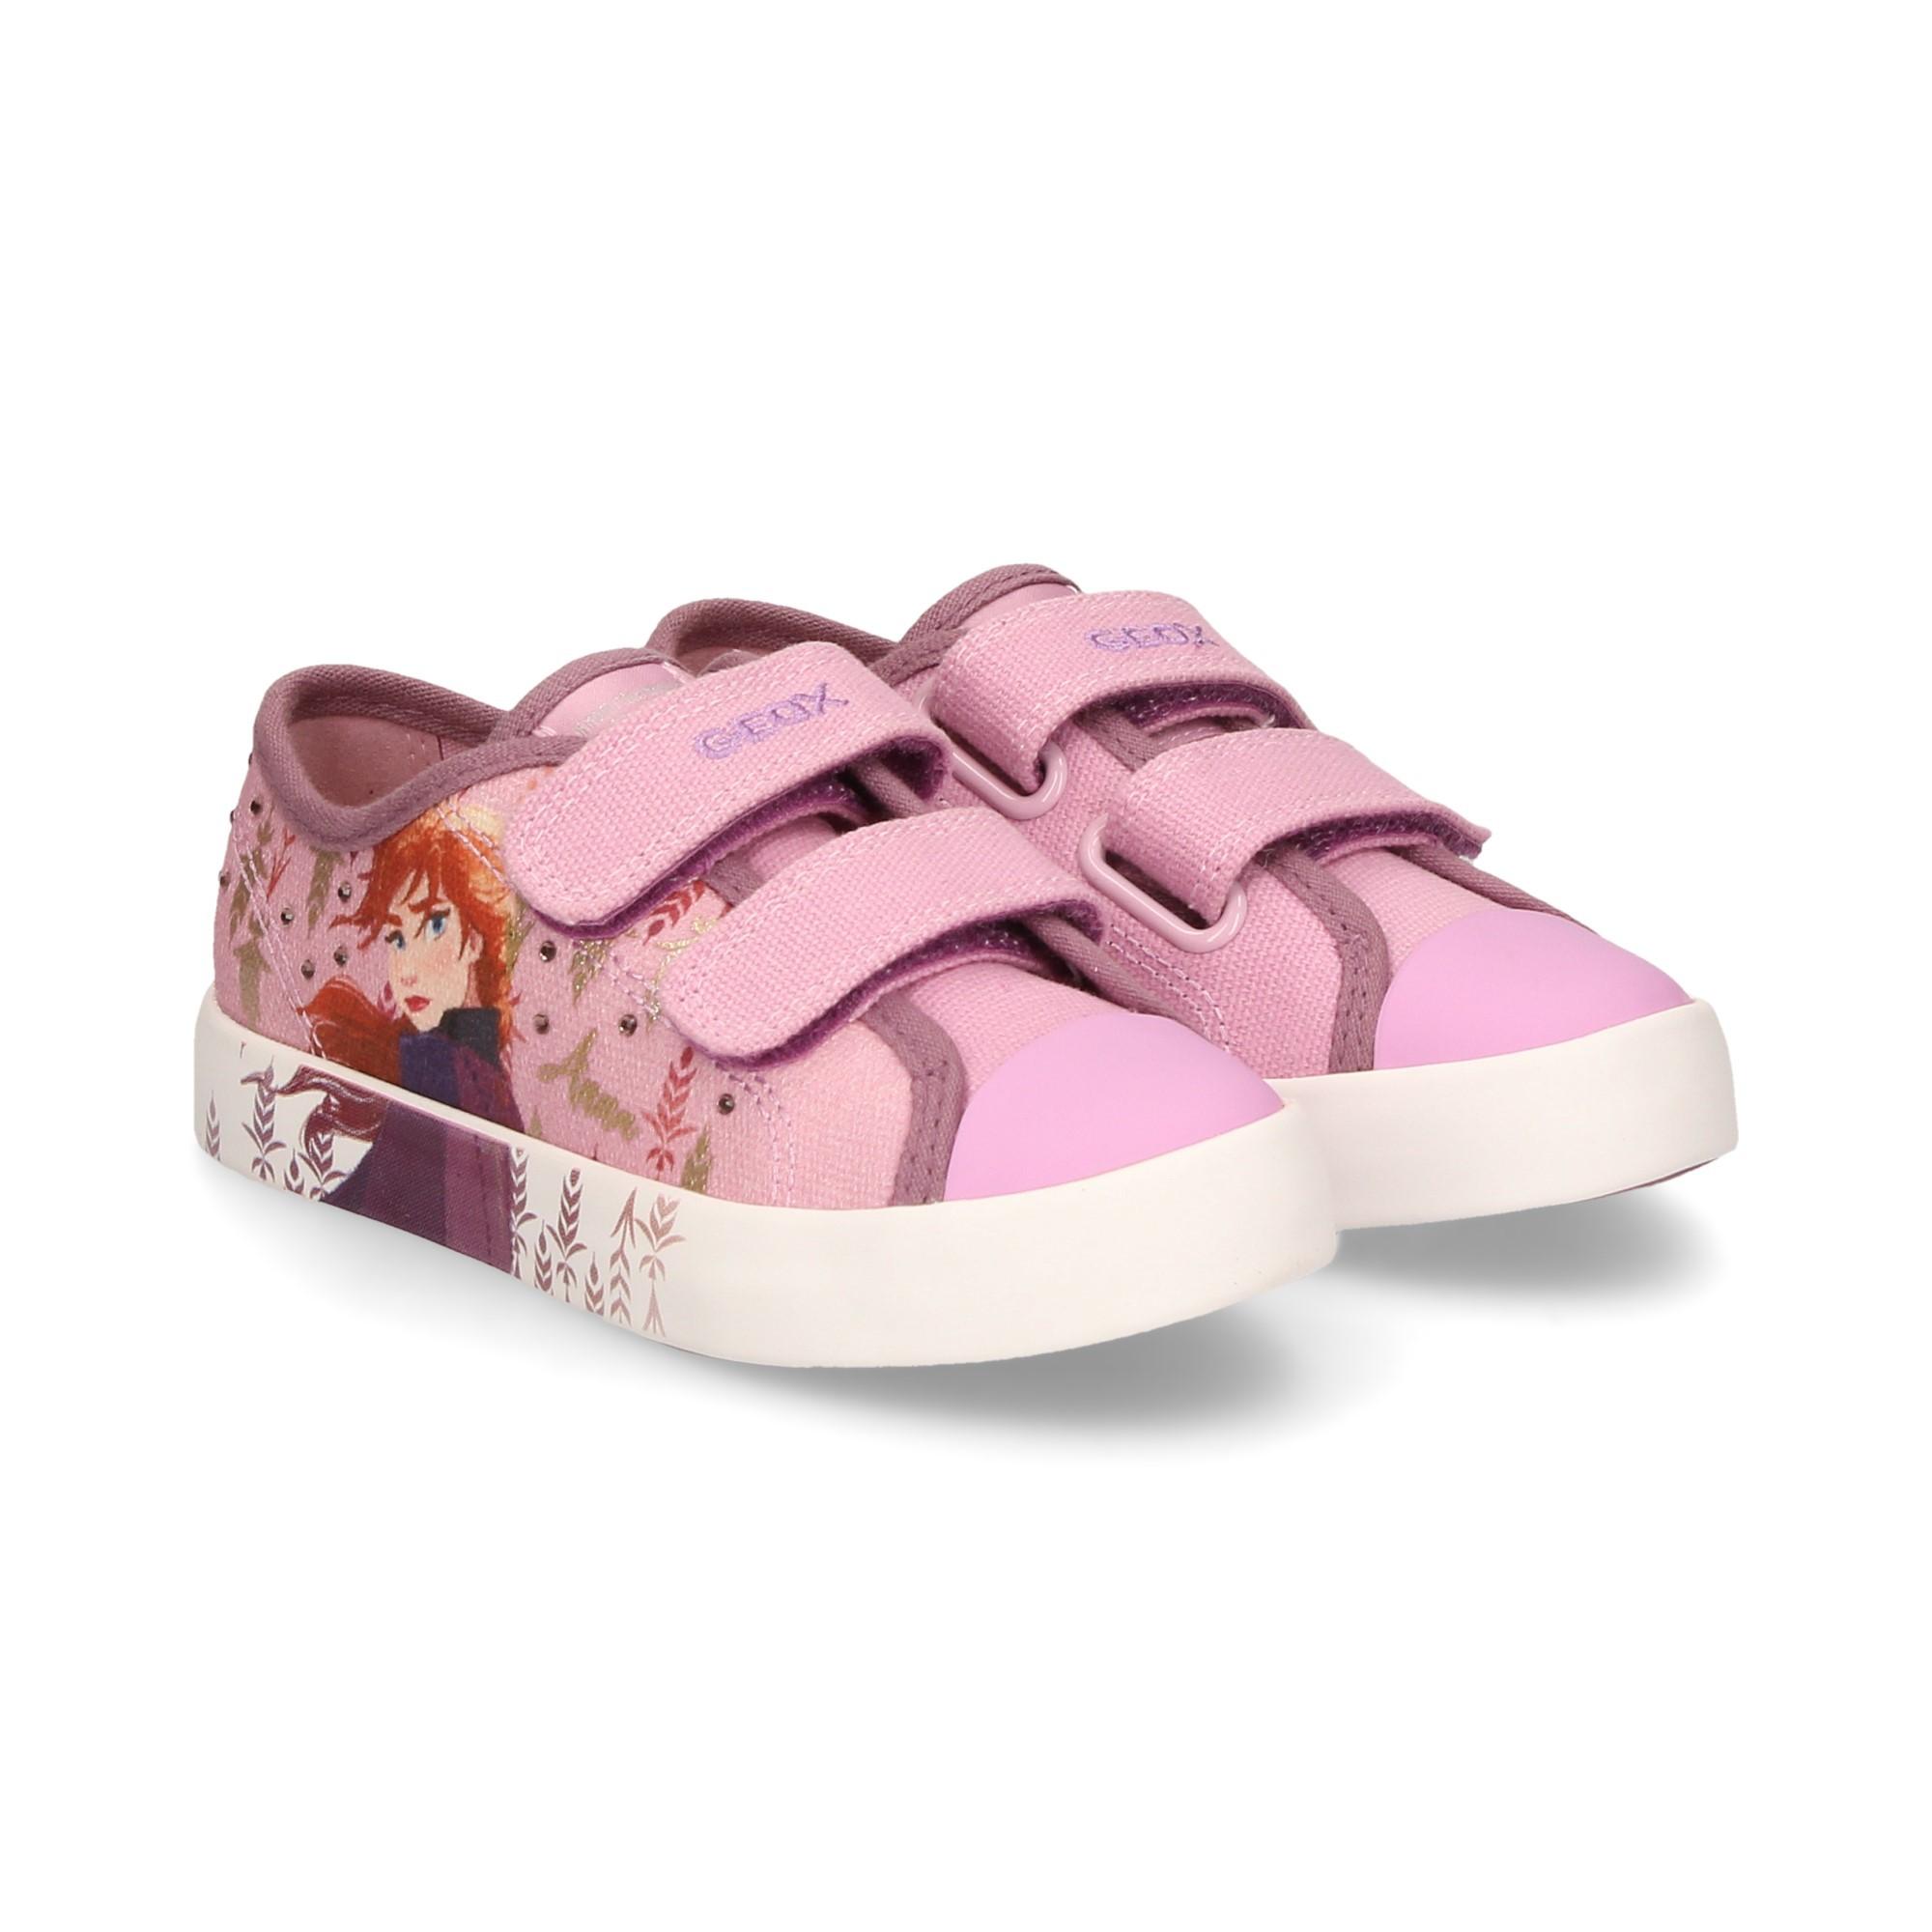 GEOX Zapatillas de niñas J0204H C8005 PINK